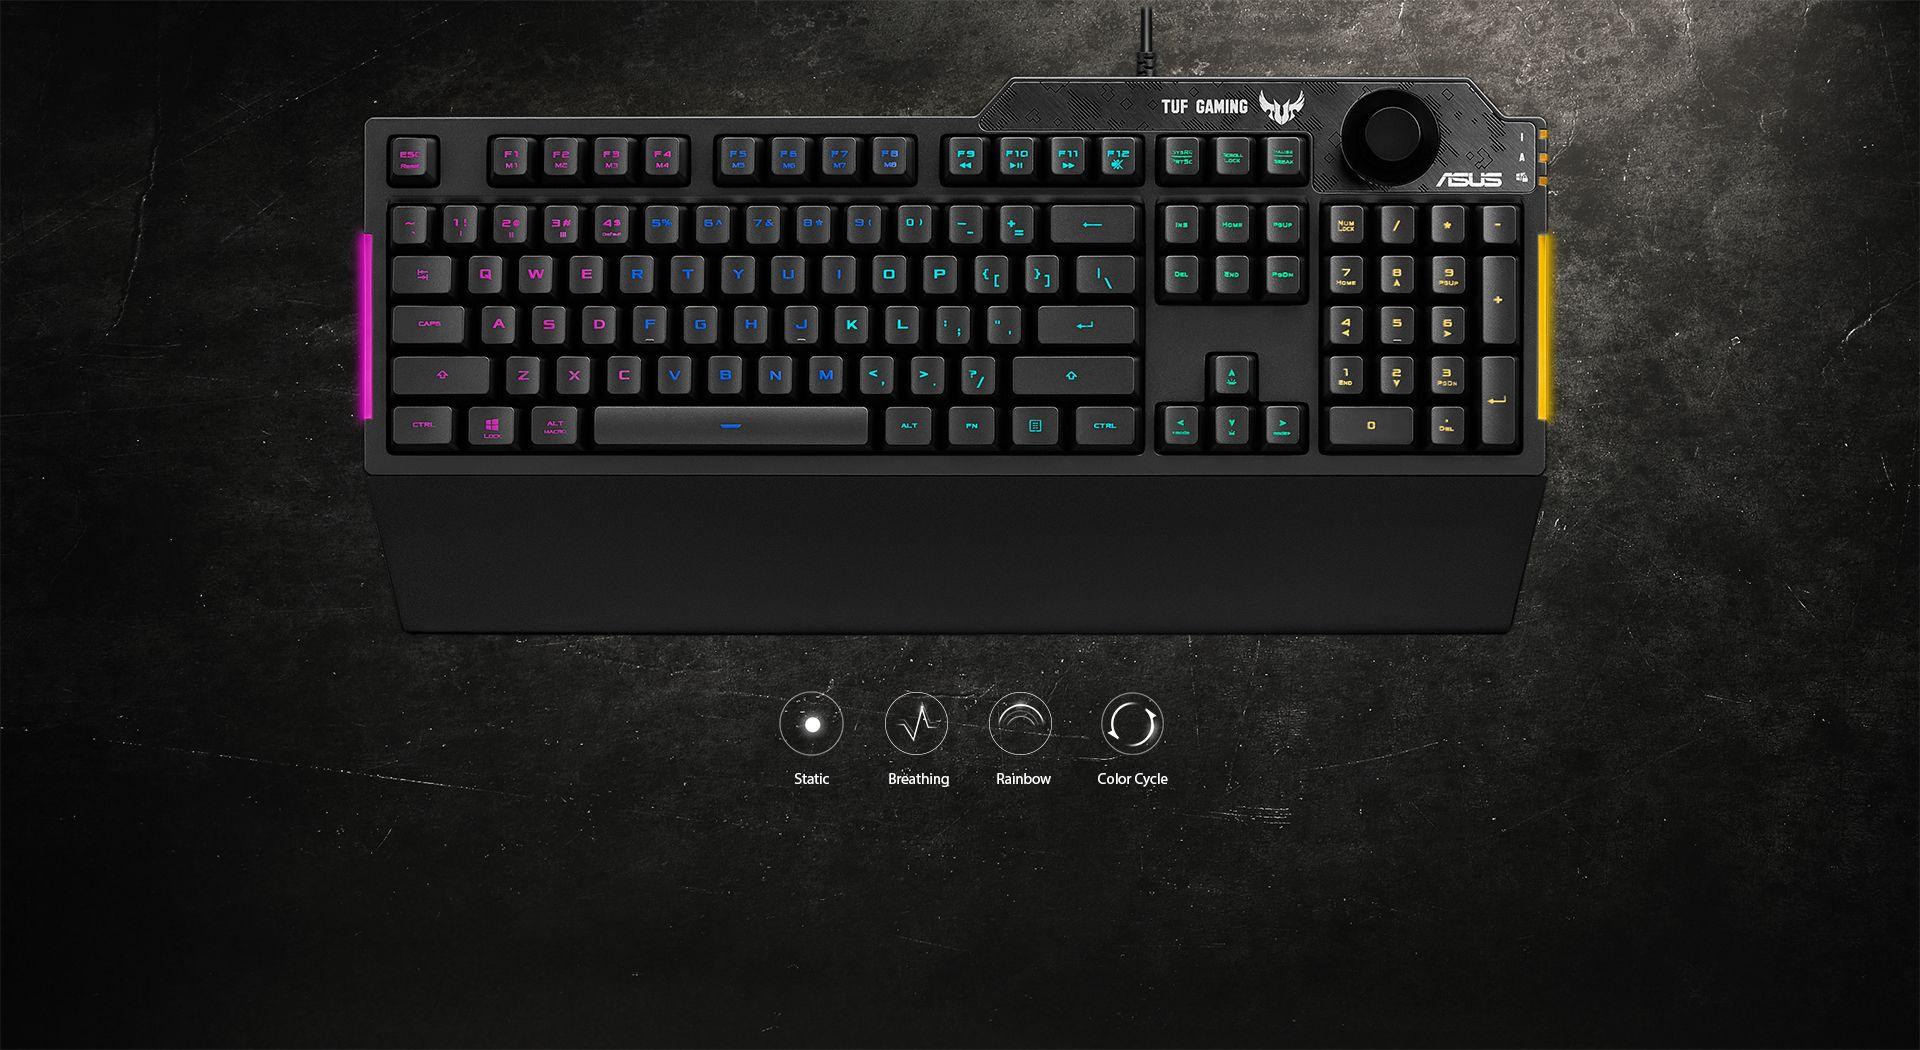 Bàn Phím ASUS TUF Gaming K1 RGB Chiến Mọi Game